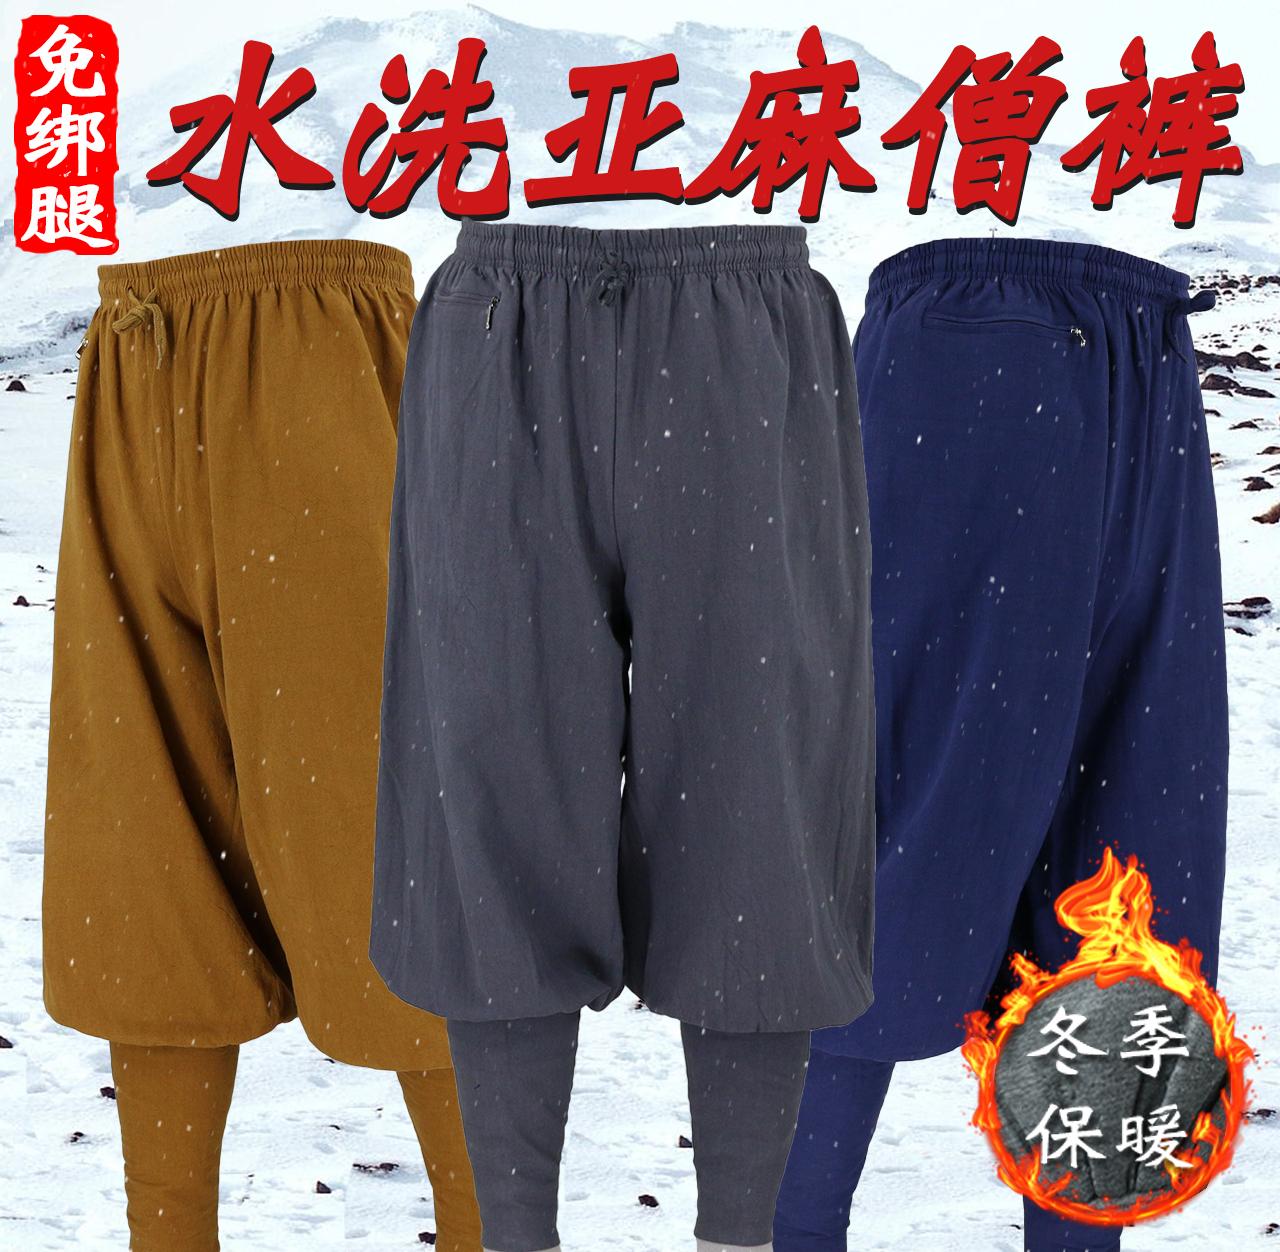 善之缘僧裤男免绑腿和尚裤子春秋冬季亚麻加厚小褂裤女比丘尼僧服